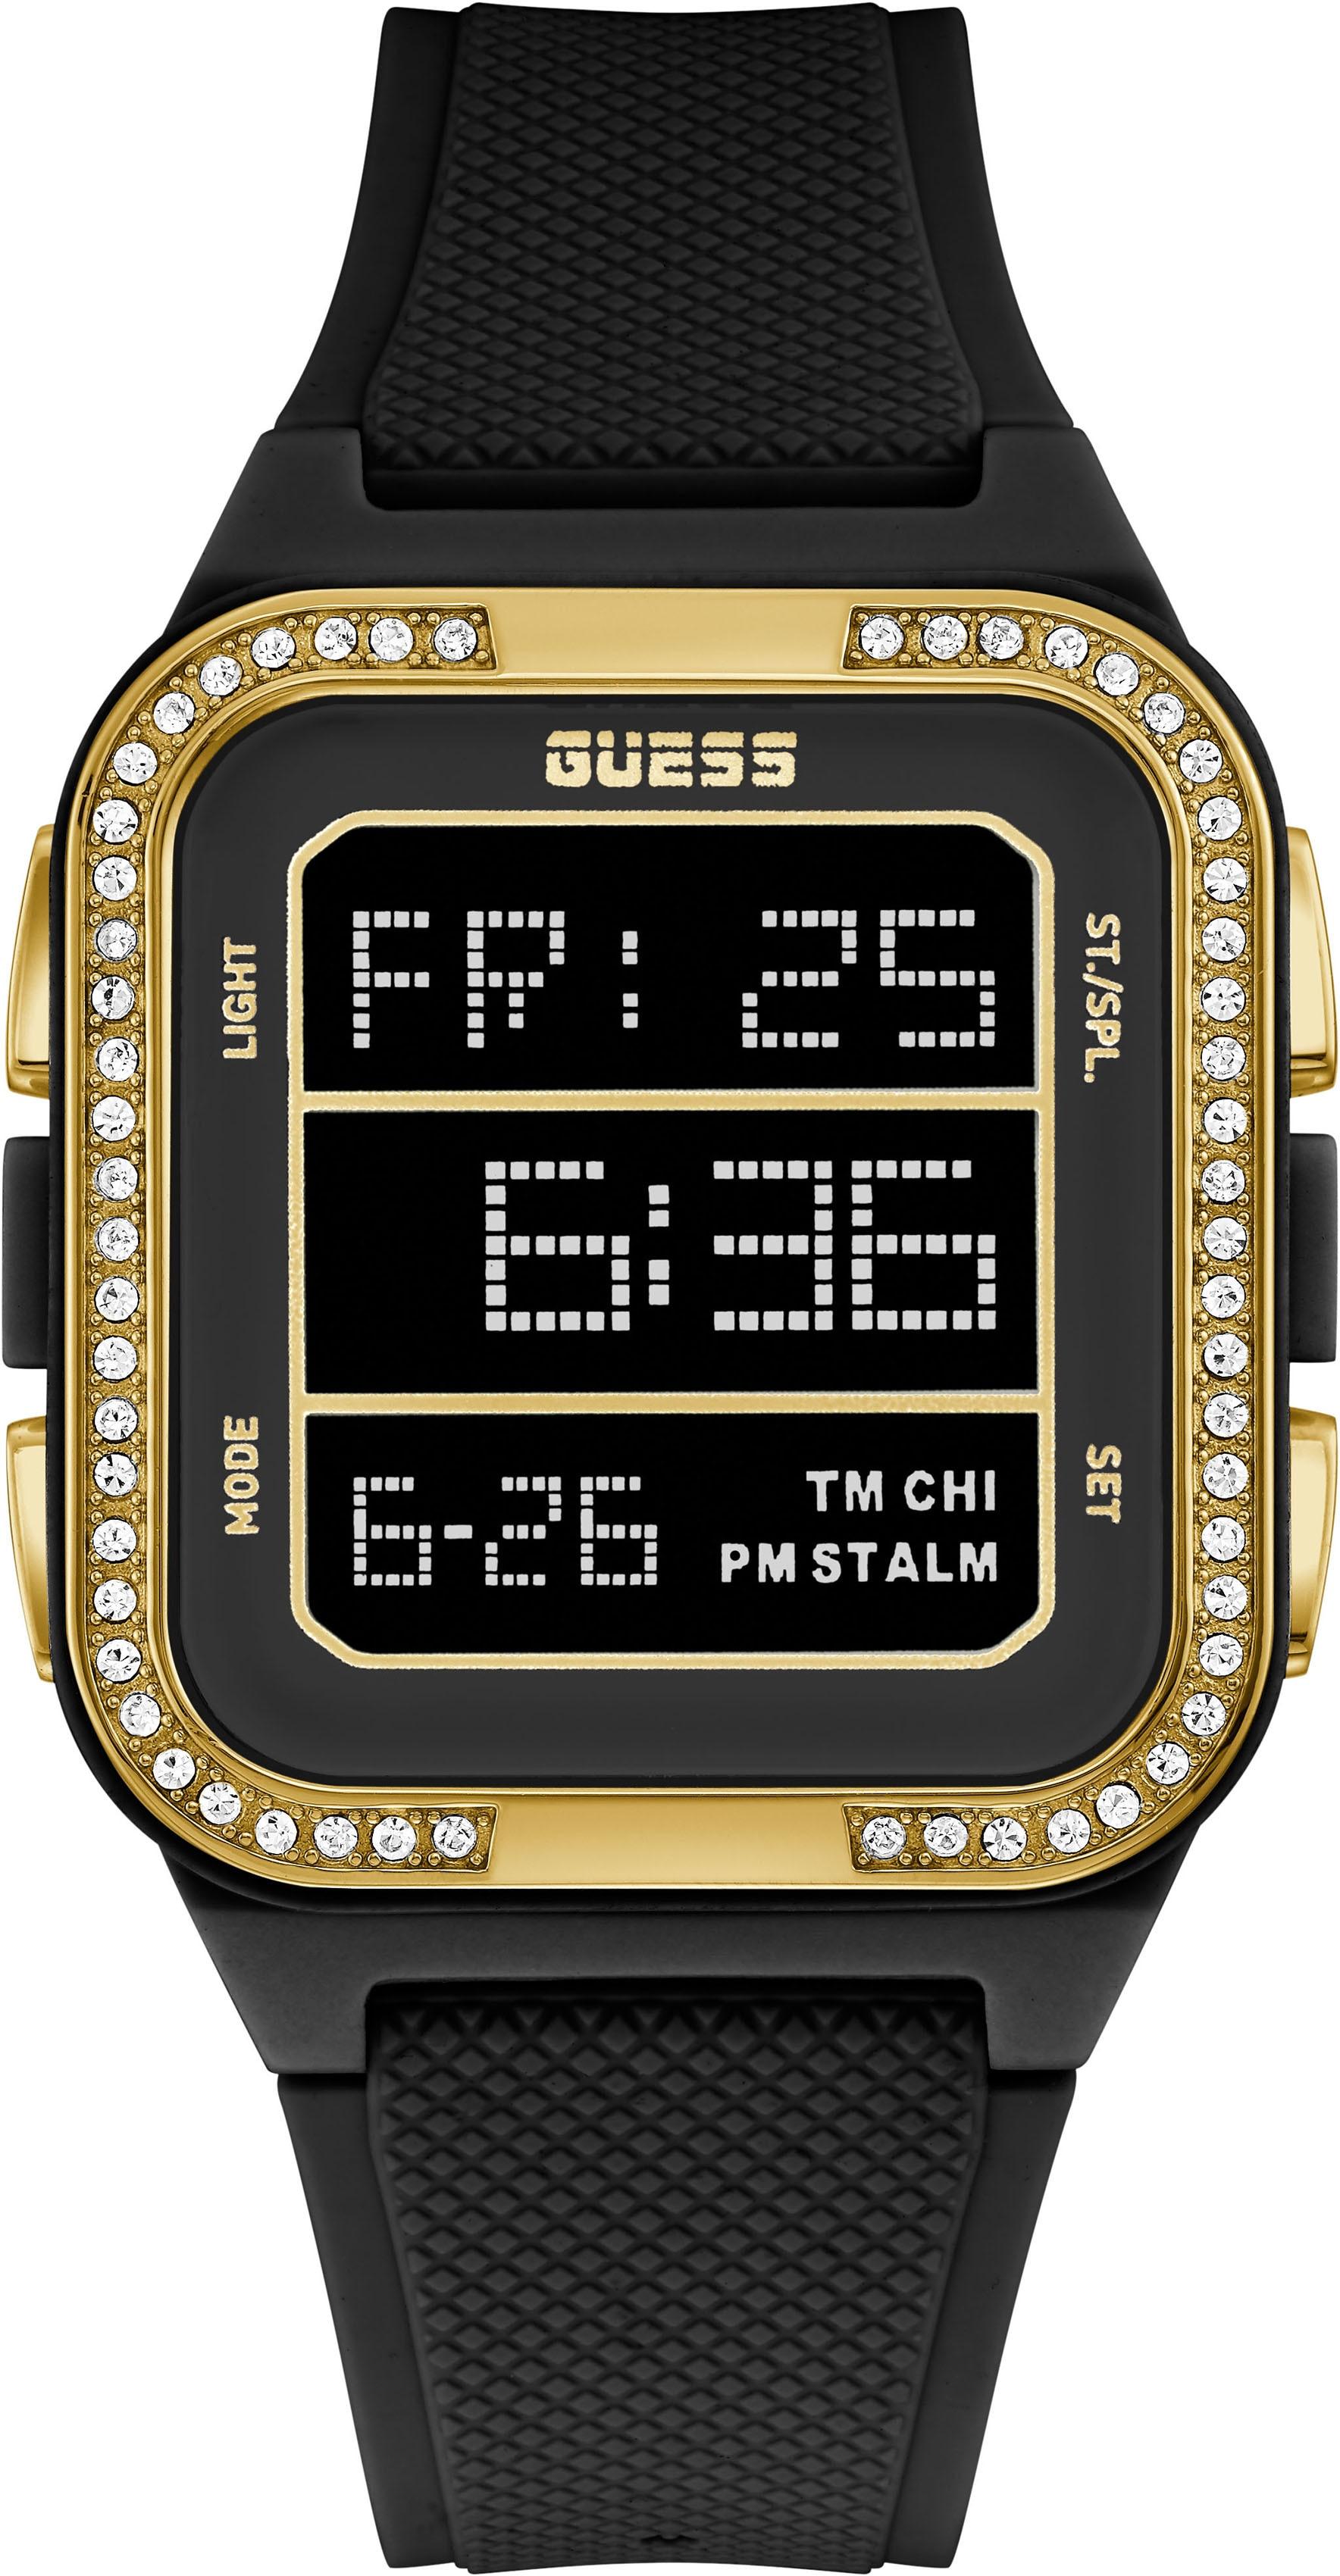 Guess Digitaluhr FLASH, GW0224L2 günstig online kaufen